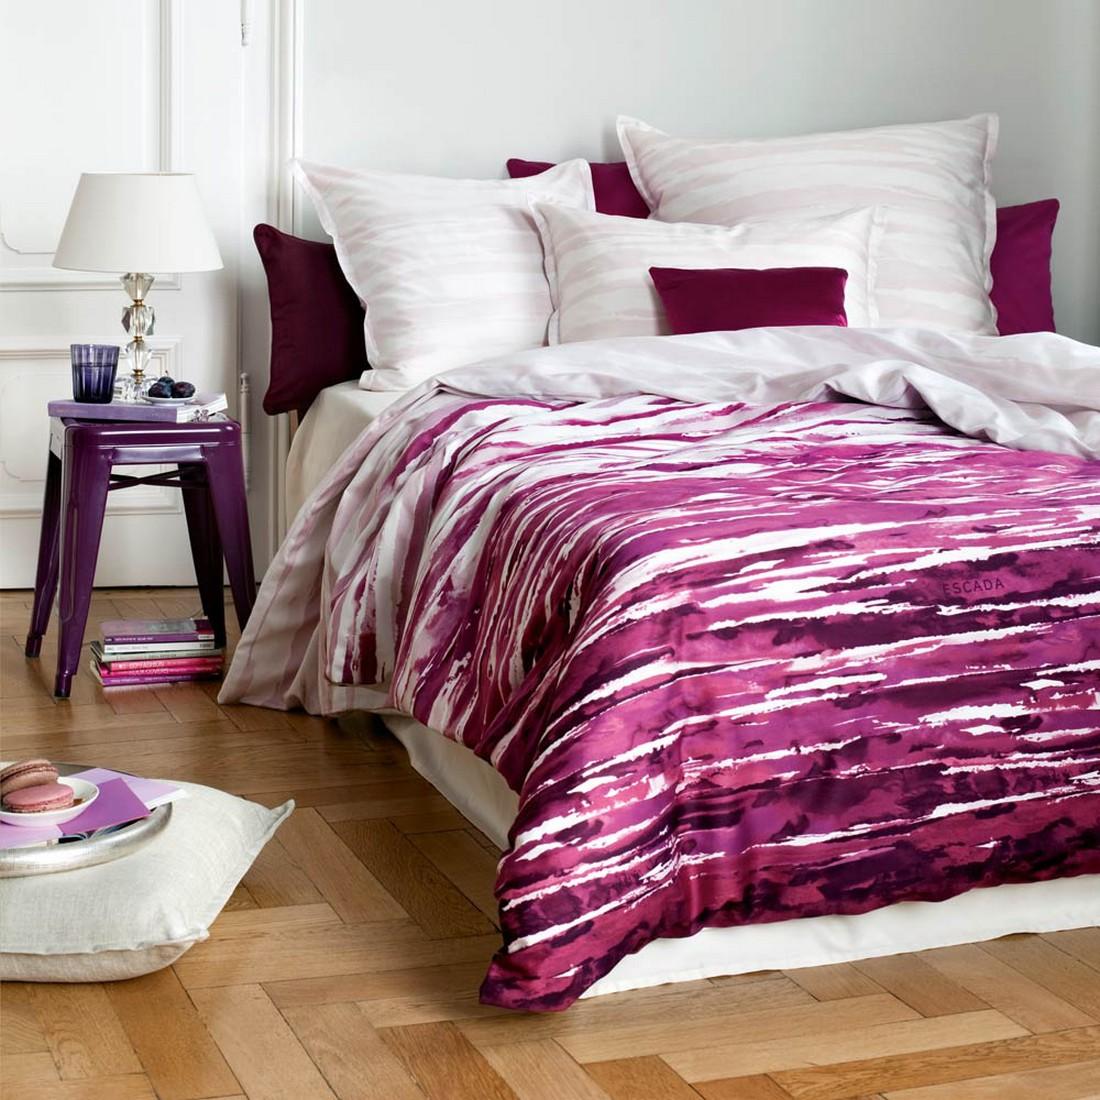 Bettwäsche Bordeaux Baumwolle Violett Kopfkissenbezug